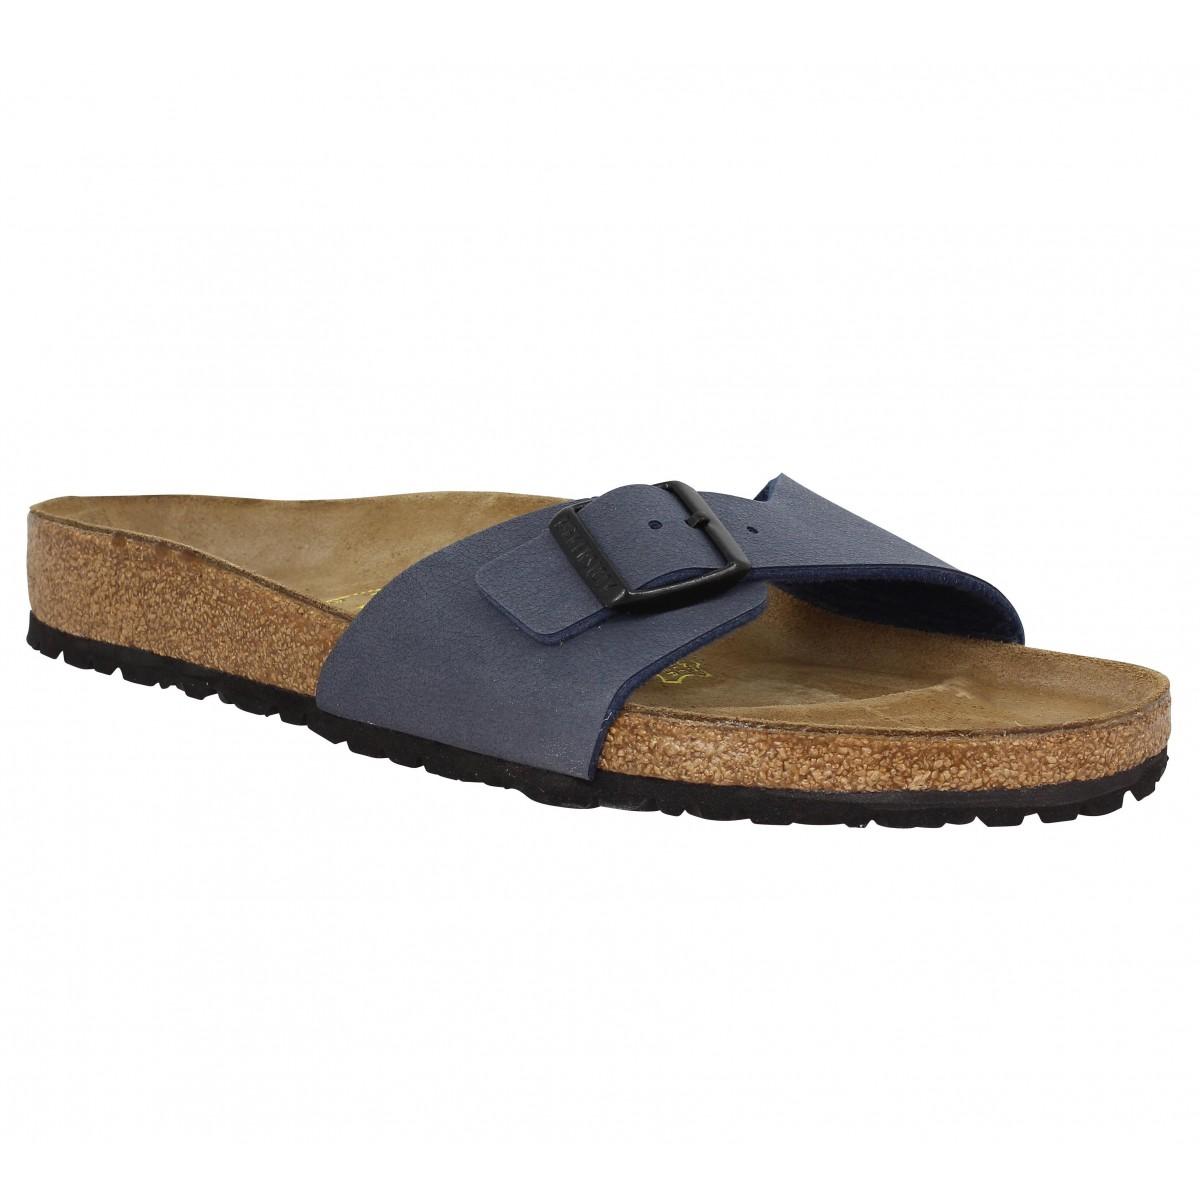 puma suede homme soldes chaussures birkenstock